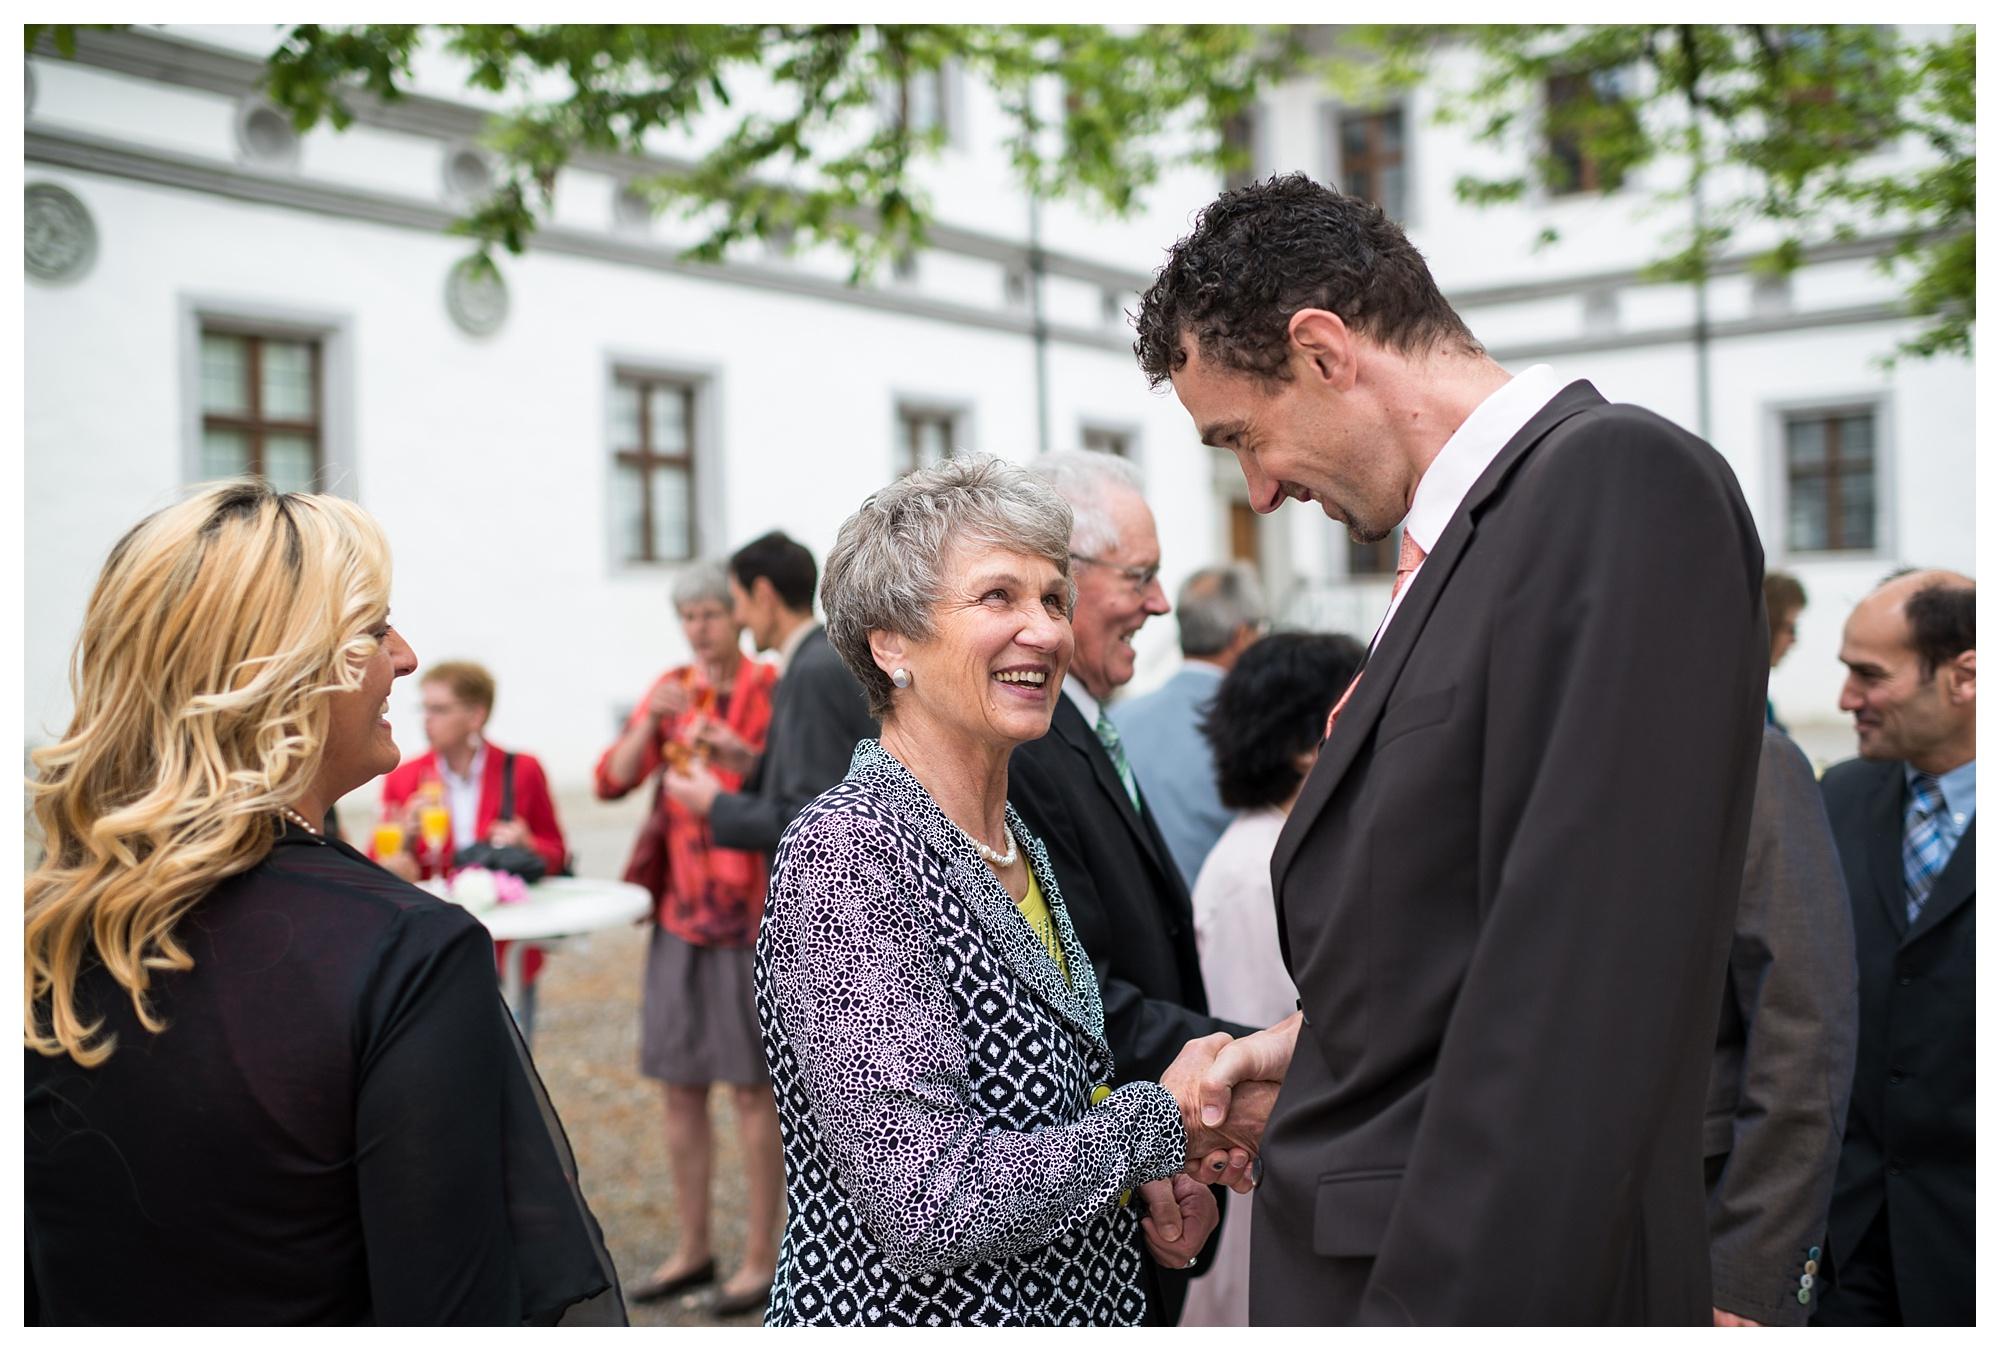 Fotograf Konstanz - Hochzeit Tanja Elmar Elmar Feuerbacher Photography Konstanz Messkirch Highlights 045 - Hochzeitsreportage von Tanja und Elmar im Schloss Meßkirch  - 149 -